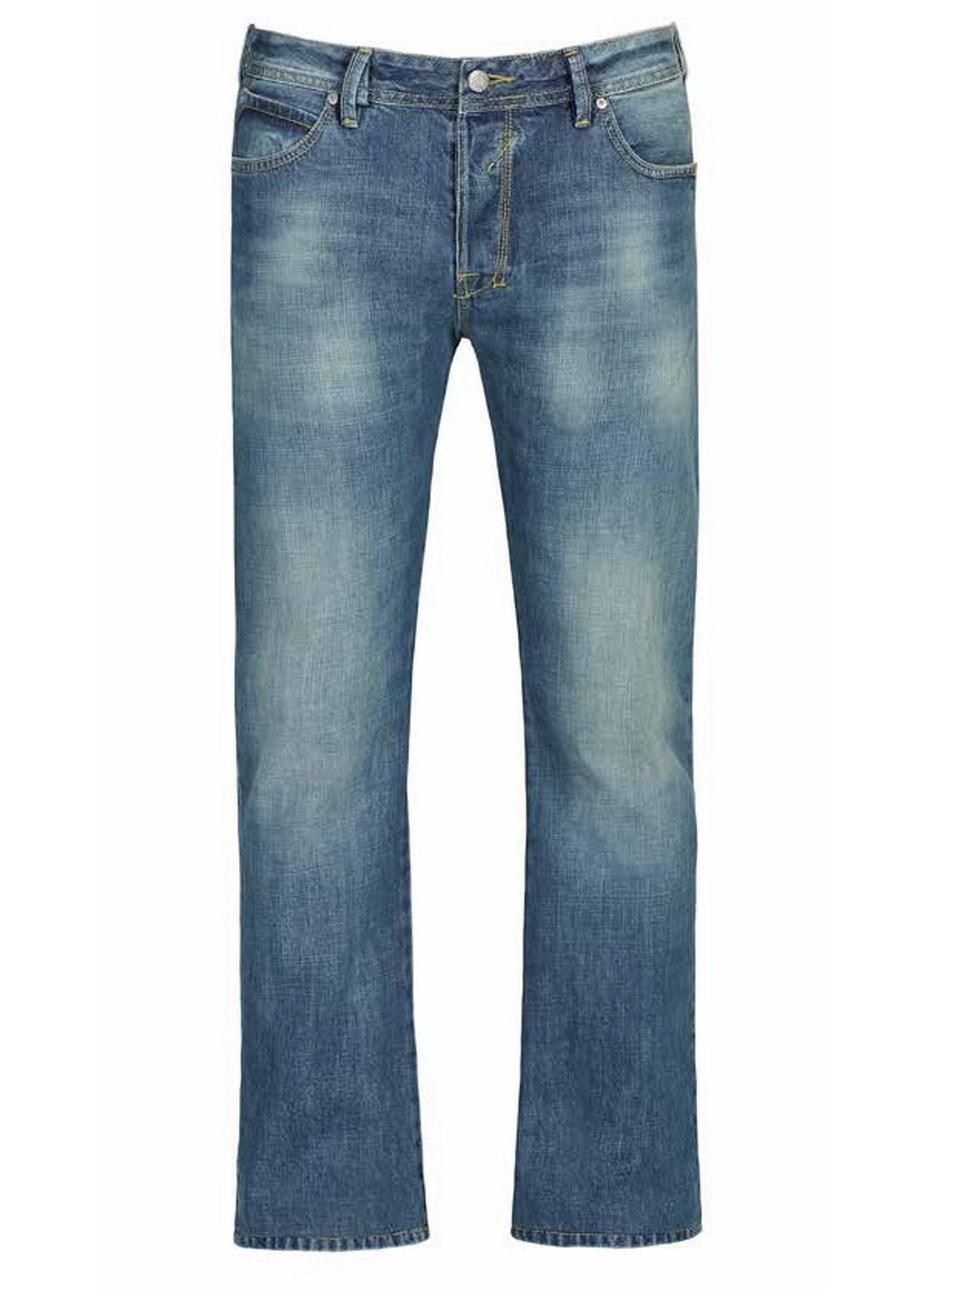 ltb herren jeans roden bootcut blau timor wash ebay. Black Bedroom Furniture Sets. Home Design Ideas